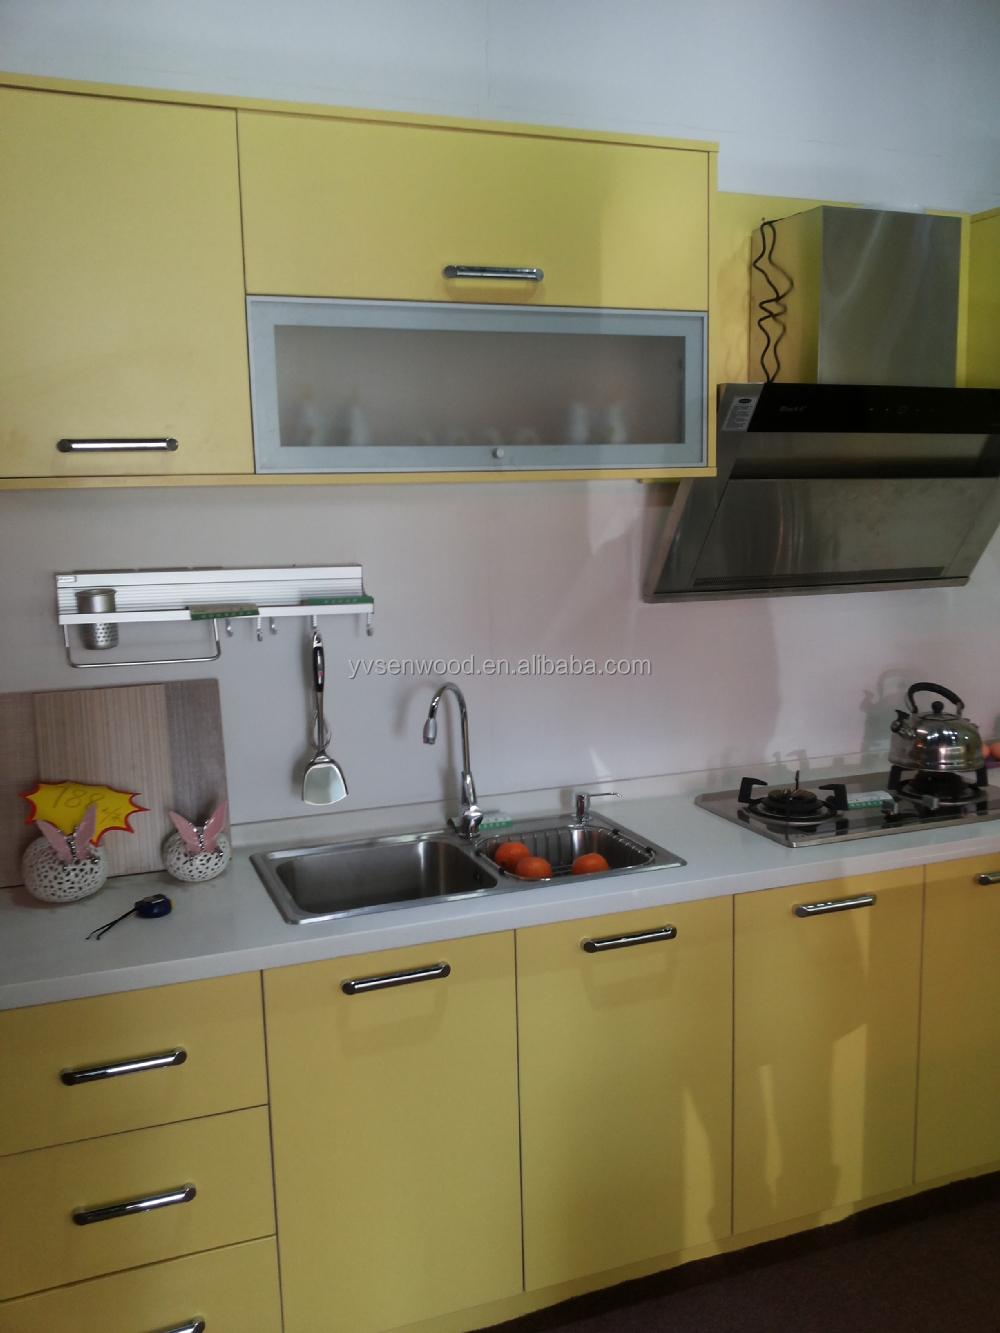 Kitchen cabinet vinyl wrap buy kitchen cabinet vinyl for Purchase kitchen cabinets